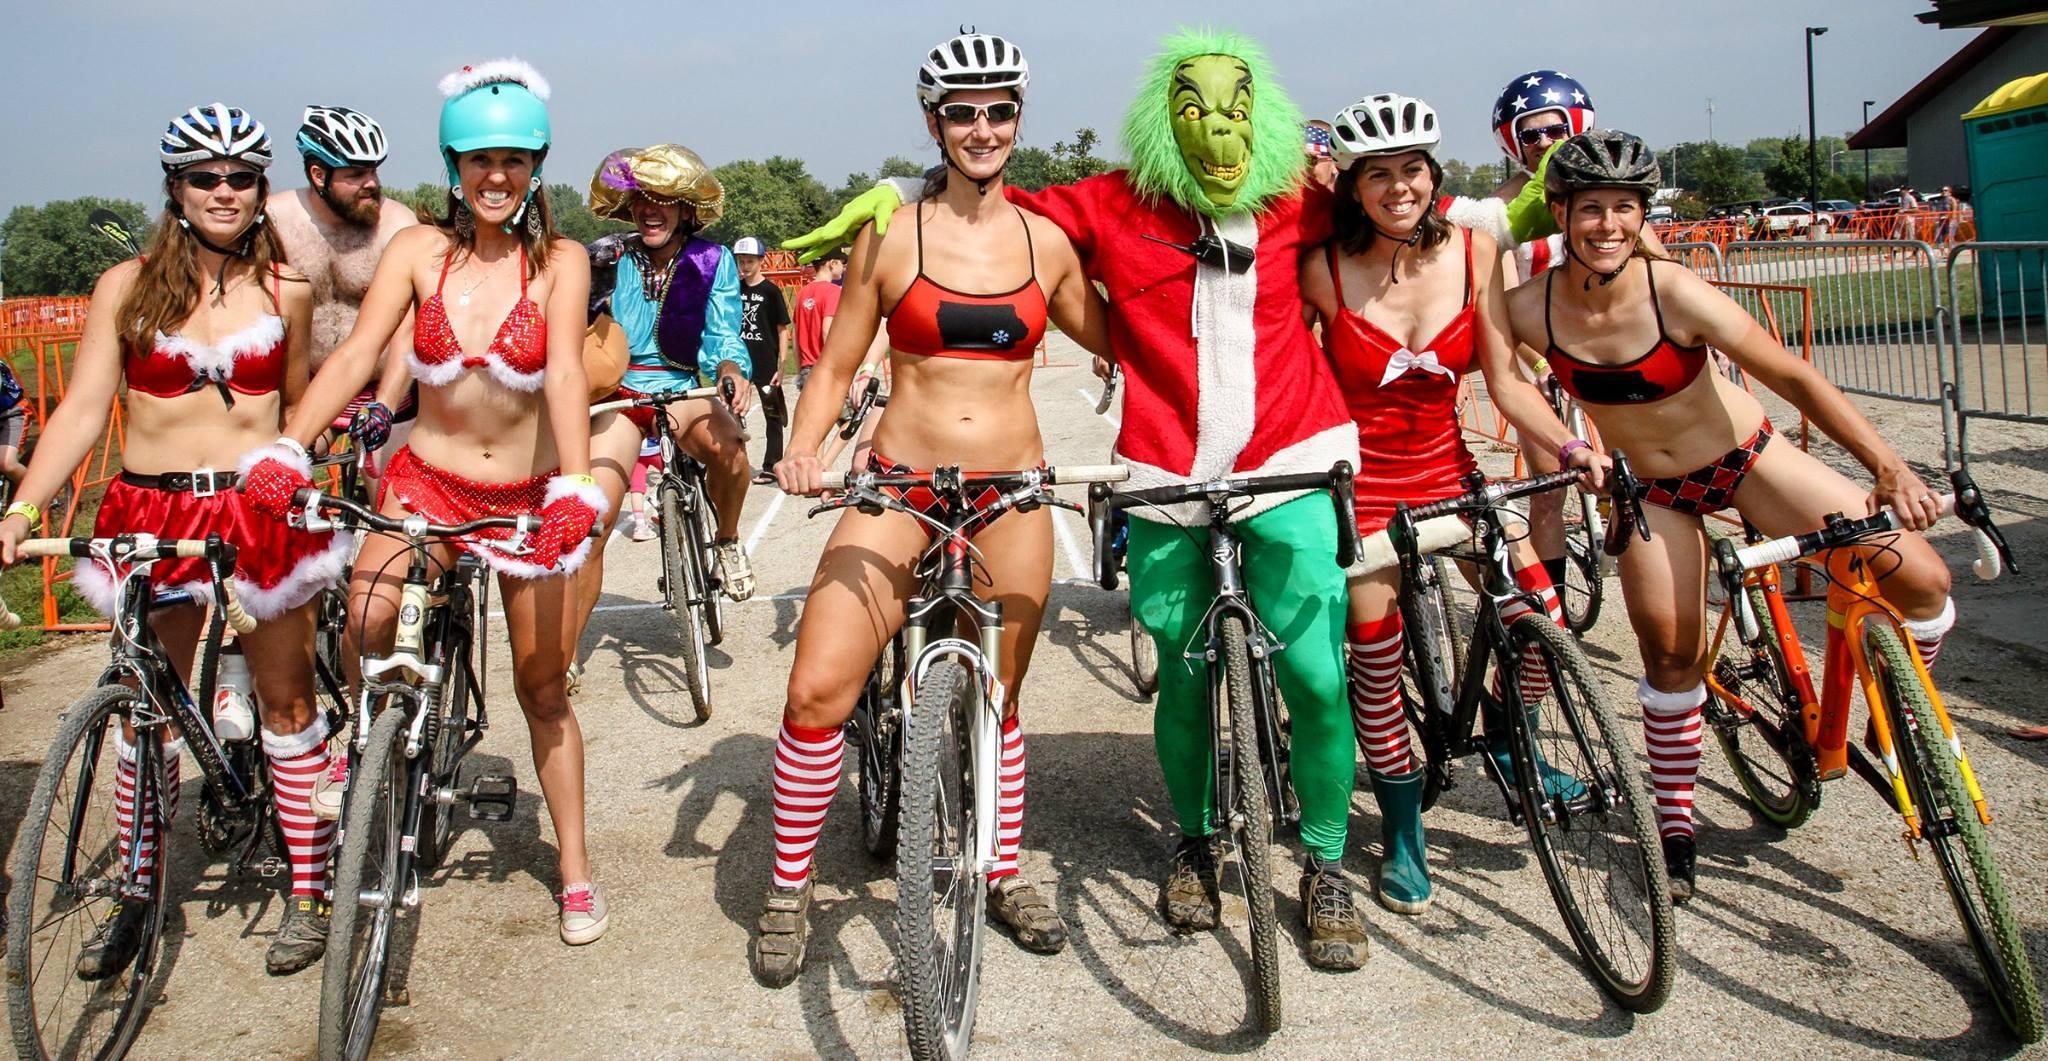 Puchar Świata w kolarstwie przełajowym – Jingle Cross, Iowa, USA [stream]